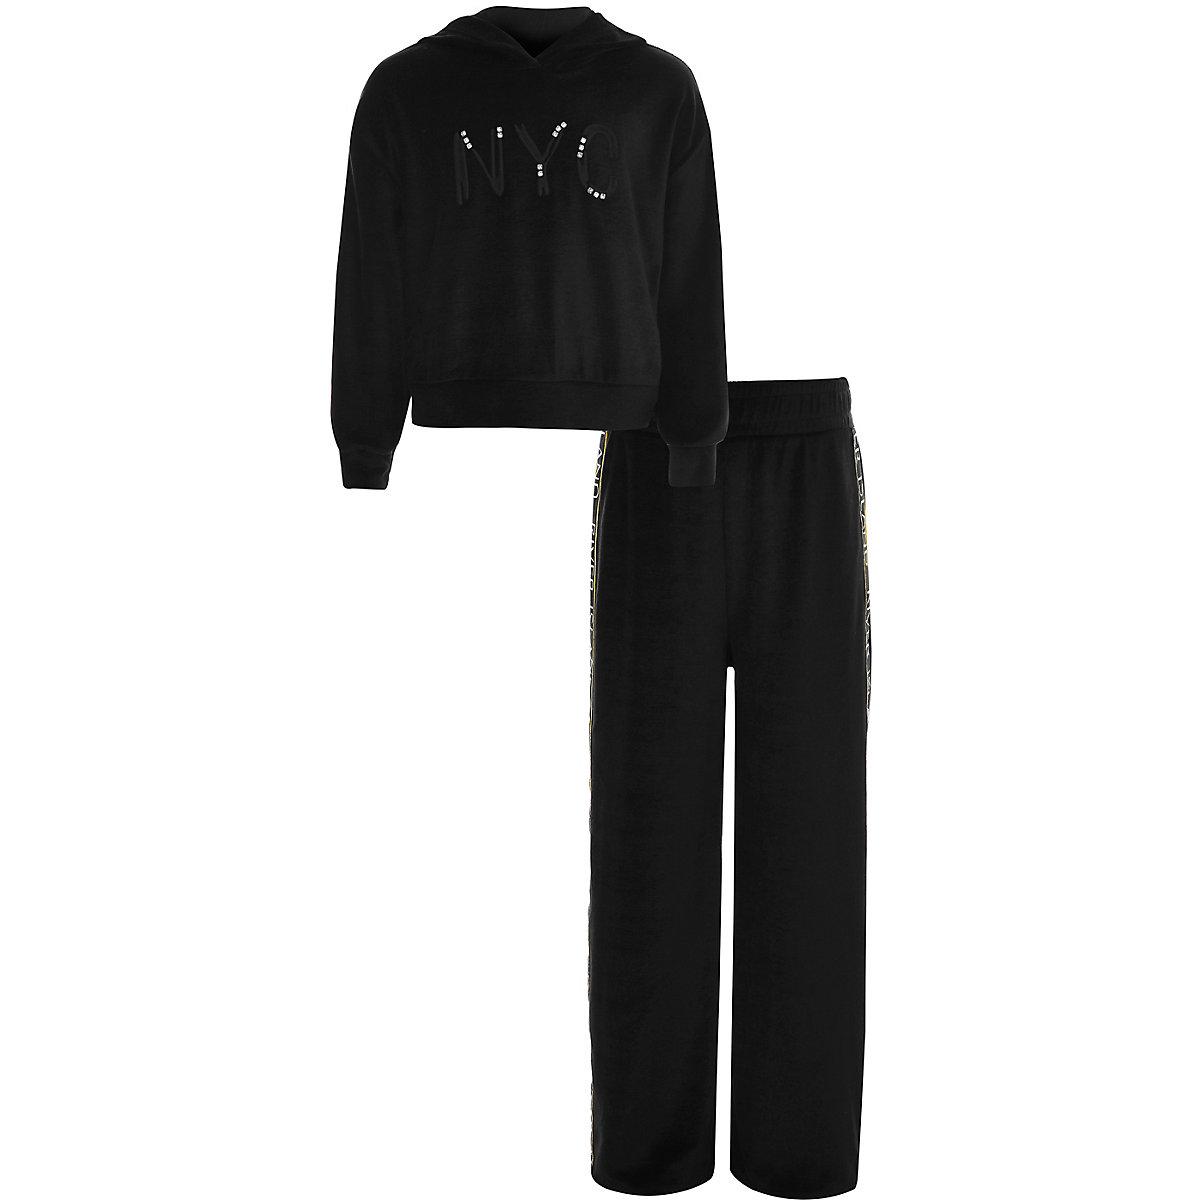 Girls black 'NYC' velvet RI jogger outfit